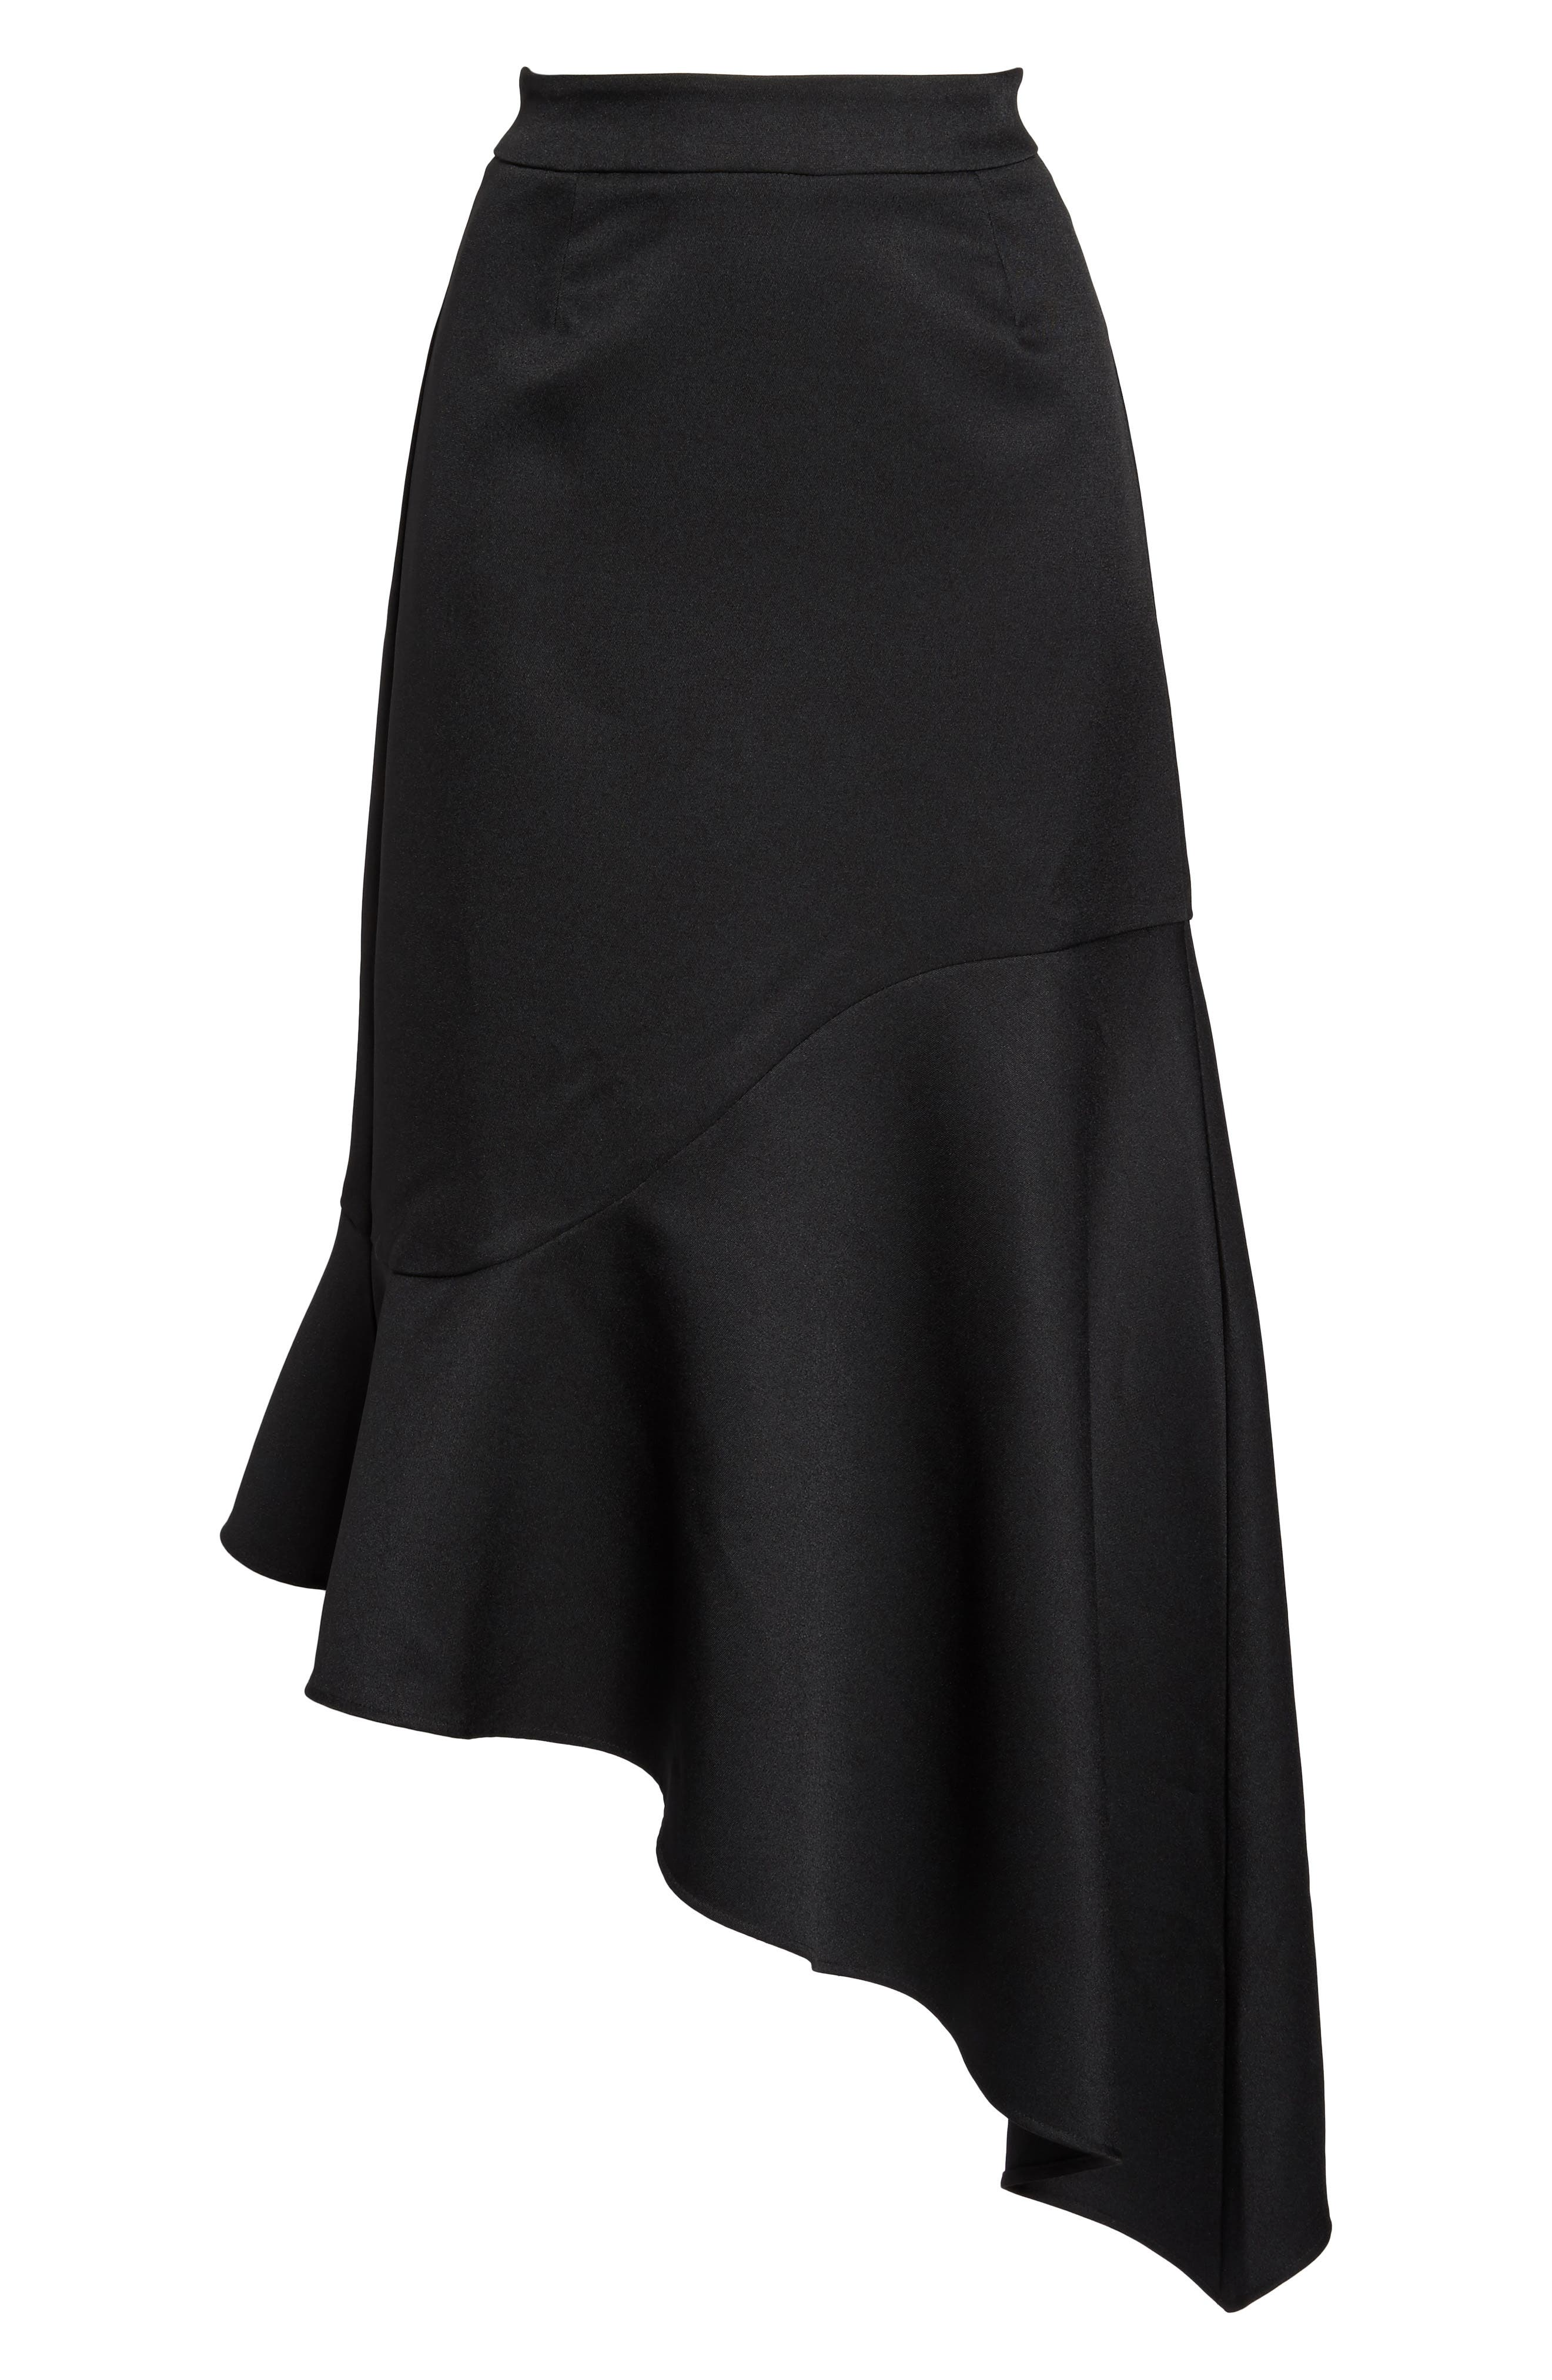 Neve Skirt,                             Alternate thumbnail 6, color,                             001